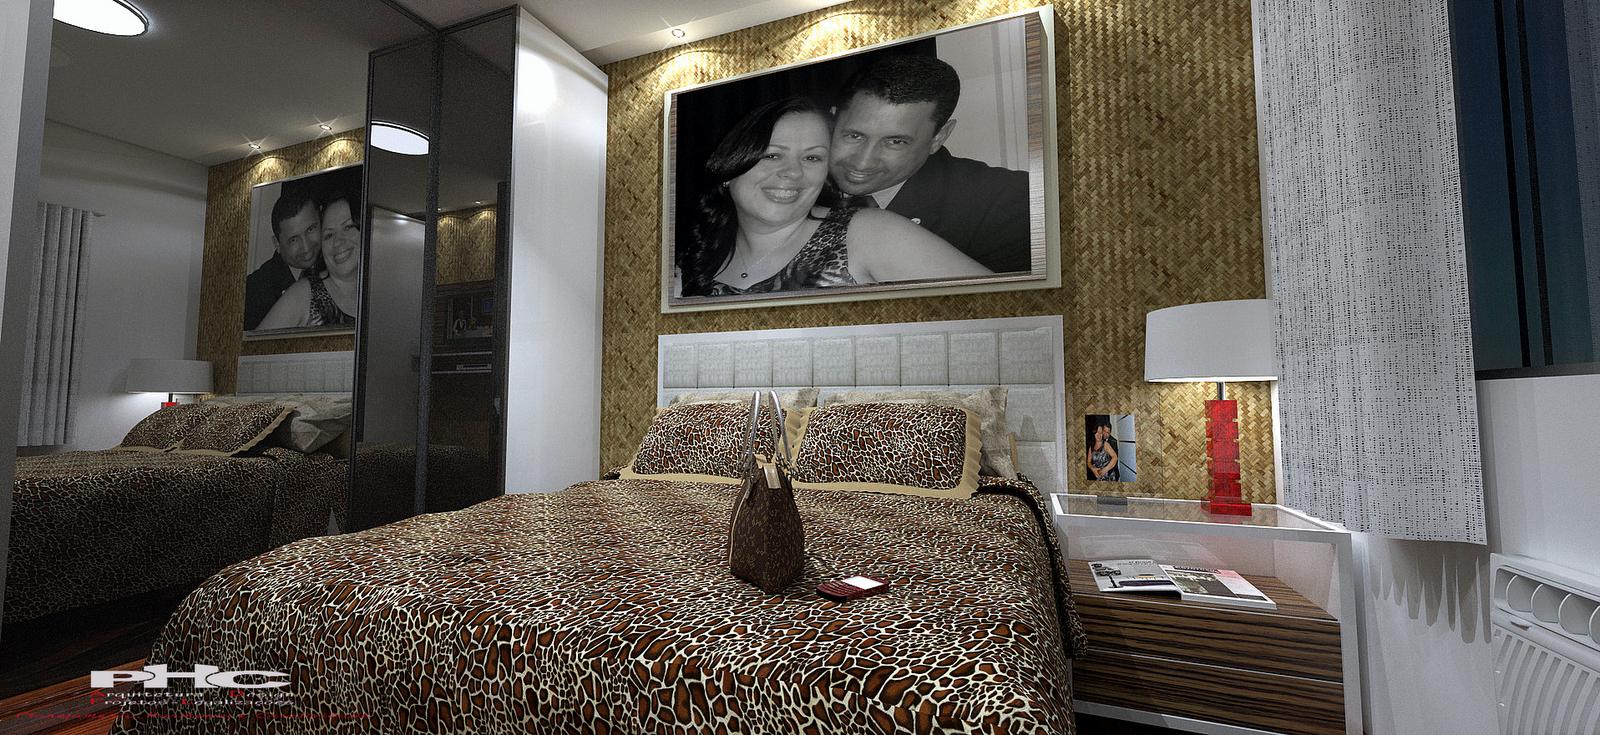 decoracao de interiores quarto de casal:Postado por: Paulo Cristiane às 18:29